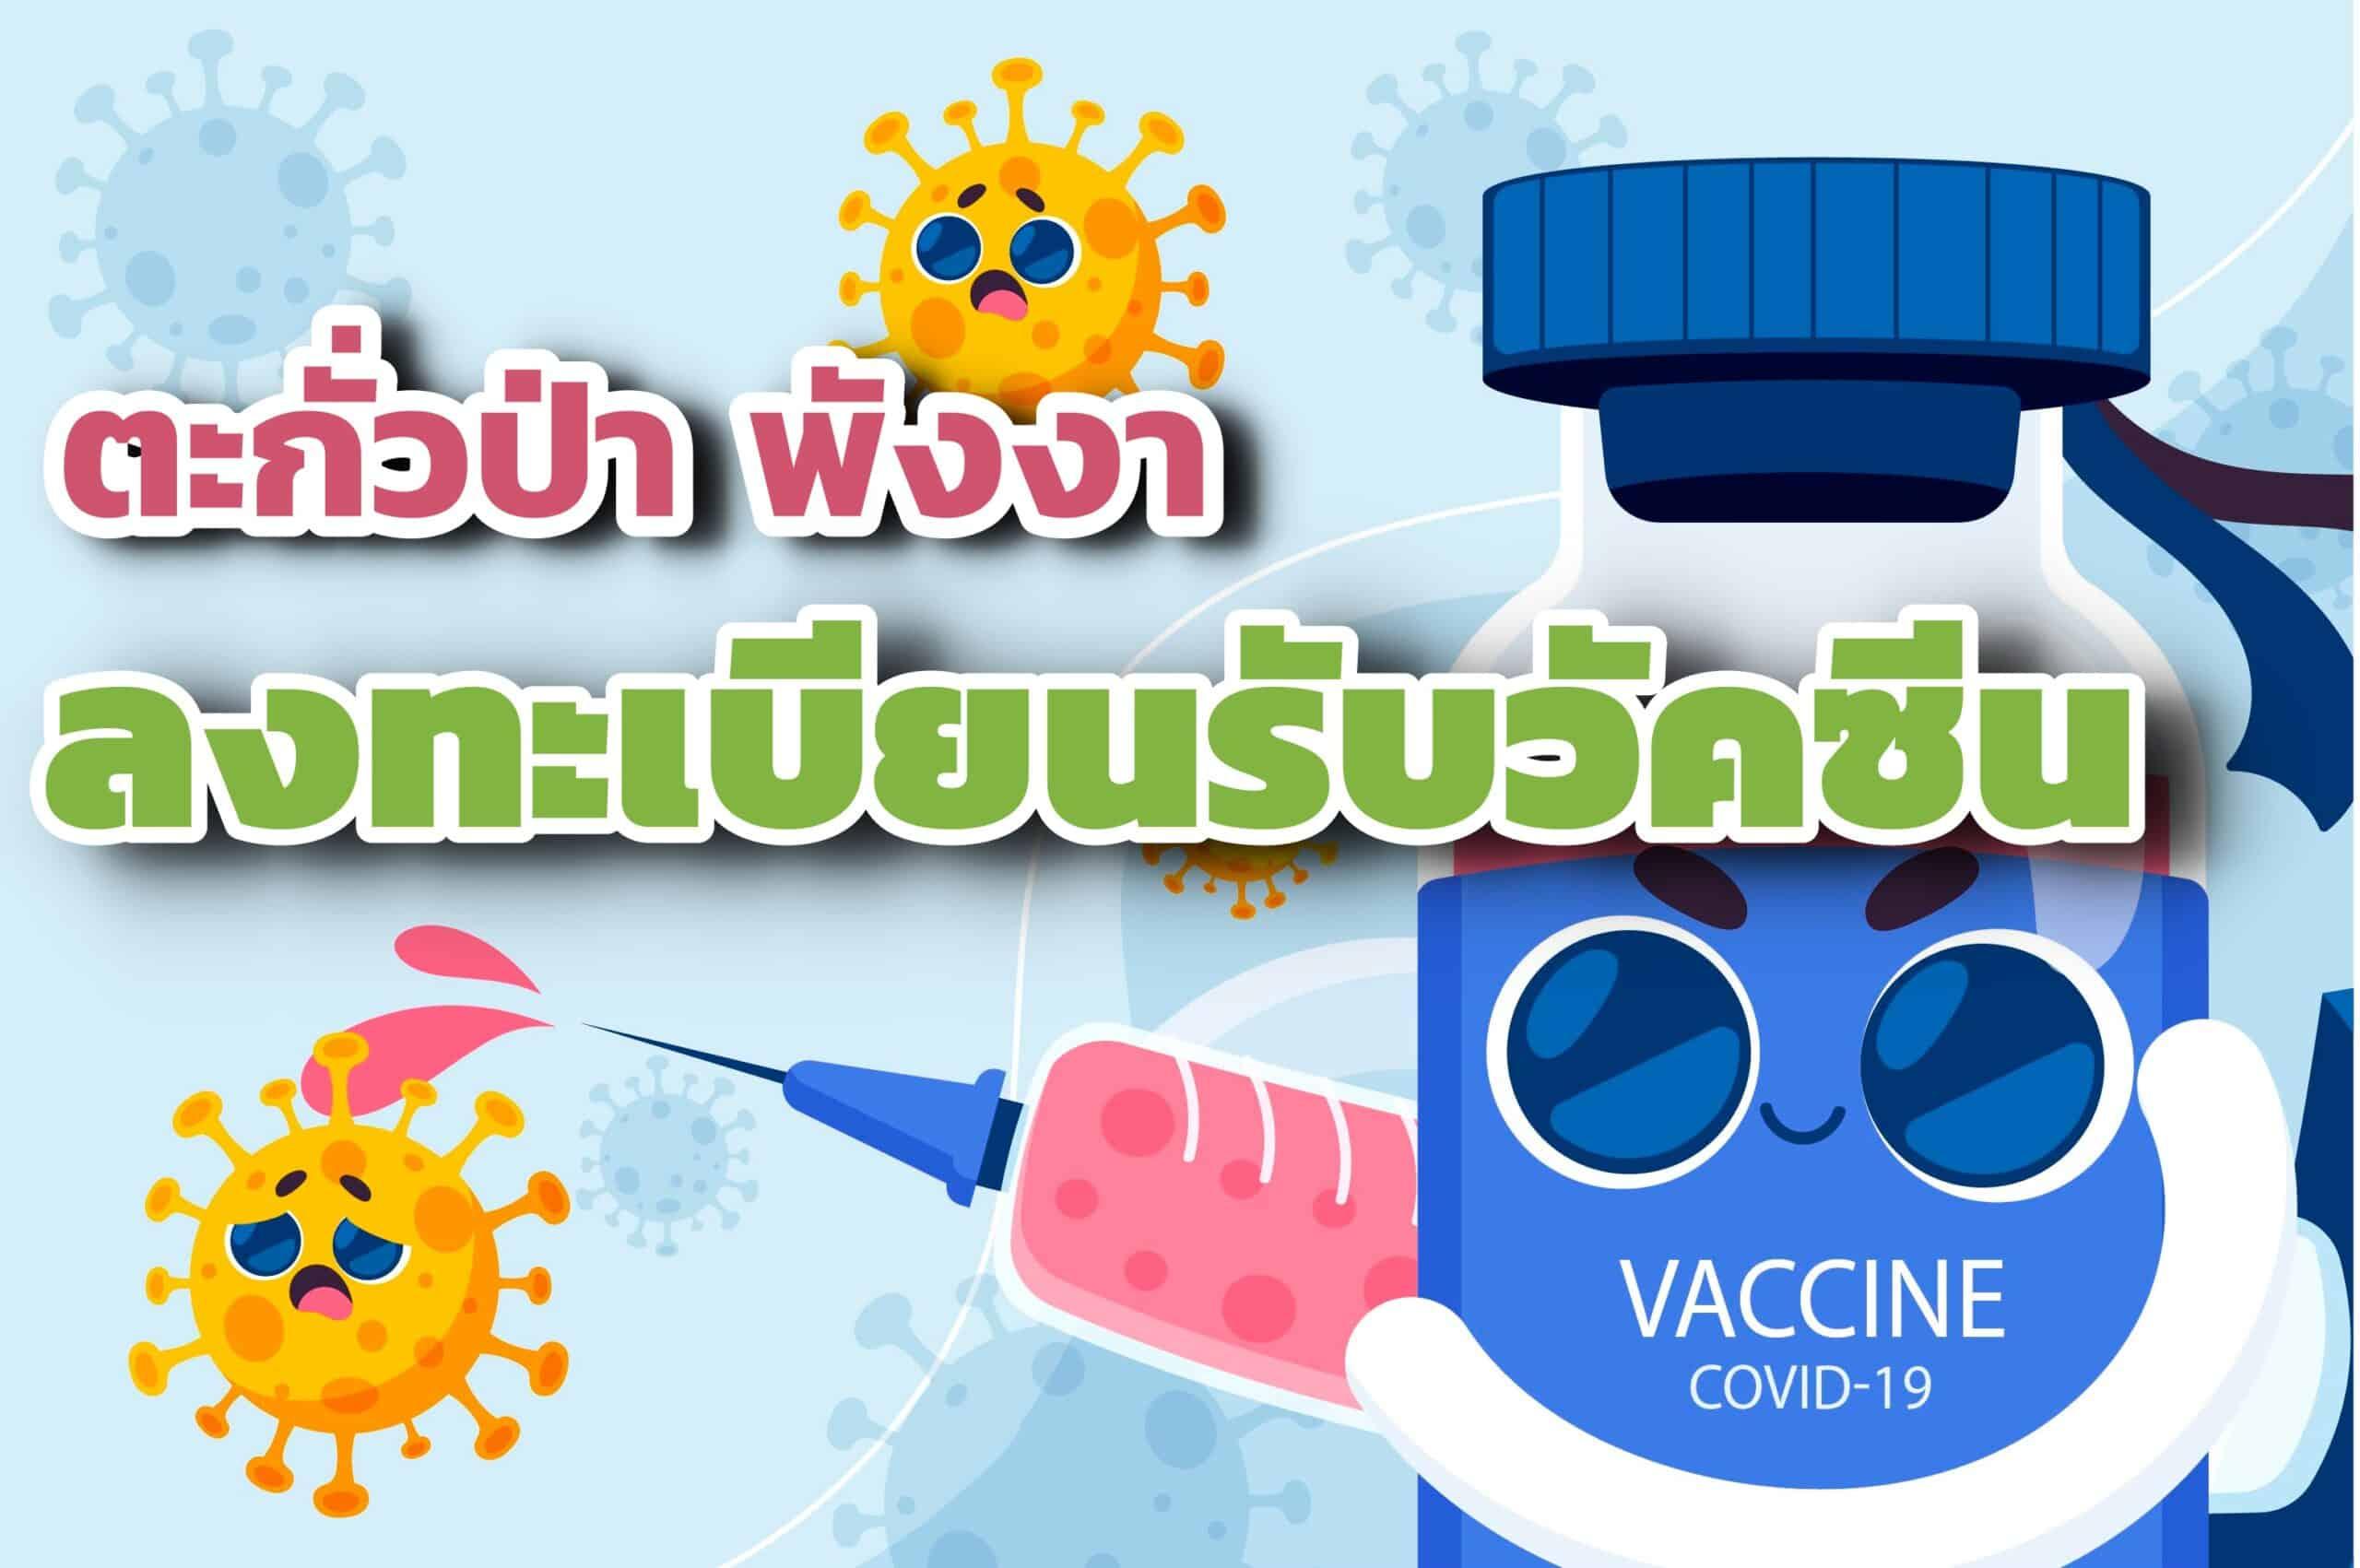 ลงทะเบียนวัคซีน ตะกั่วป่า